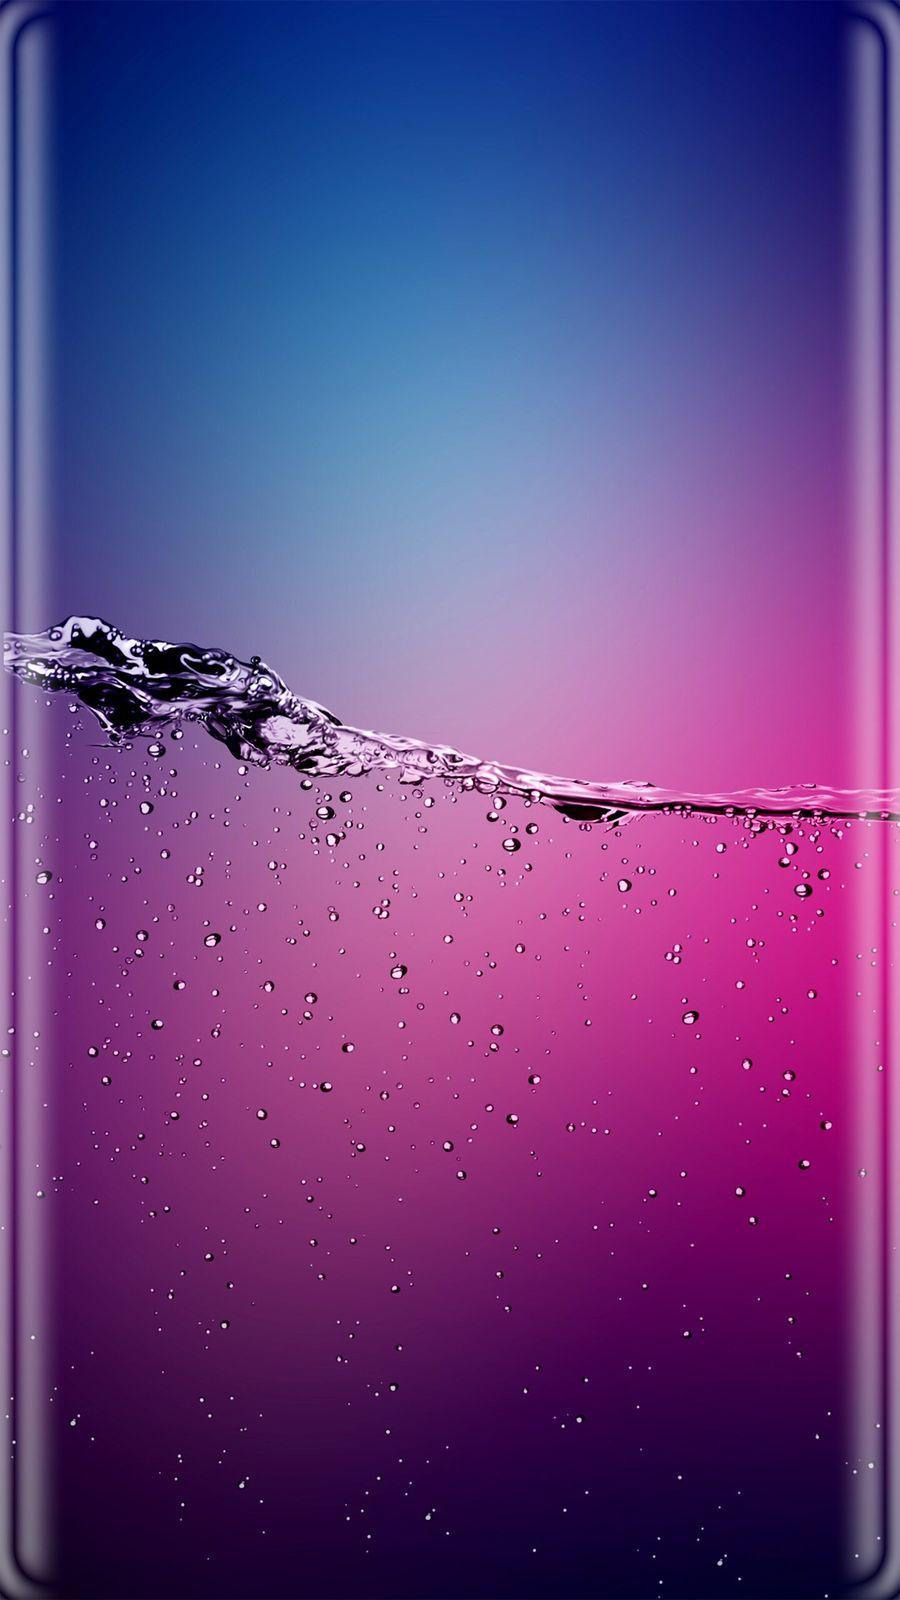 Обои на телефон фиолетовые, синие, розовые, капли, жидкость, грани, вода, абстрактные, s8, s7